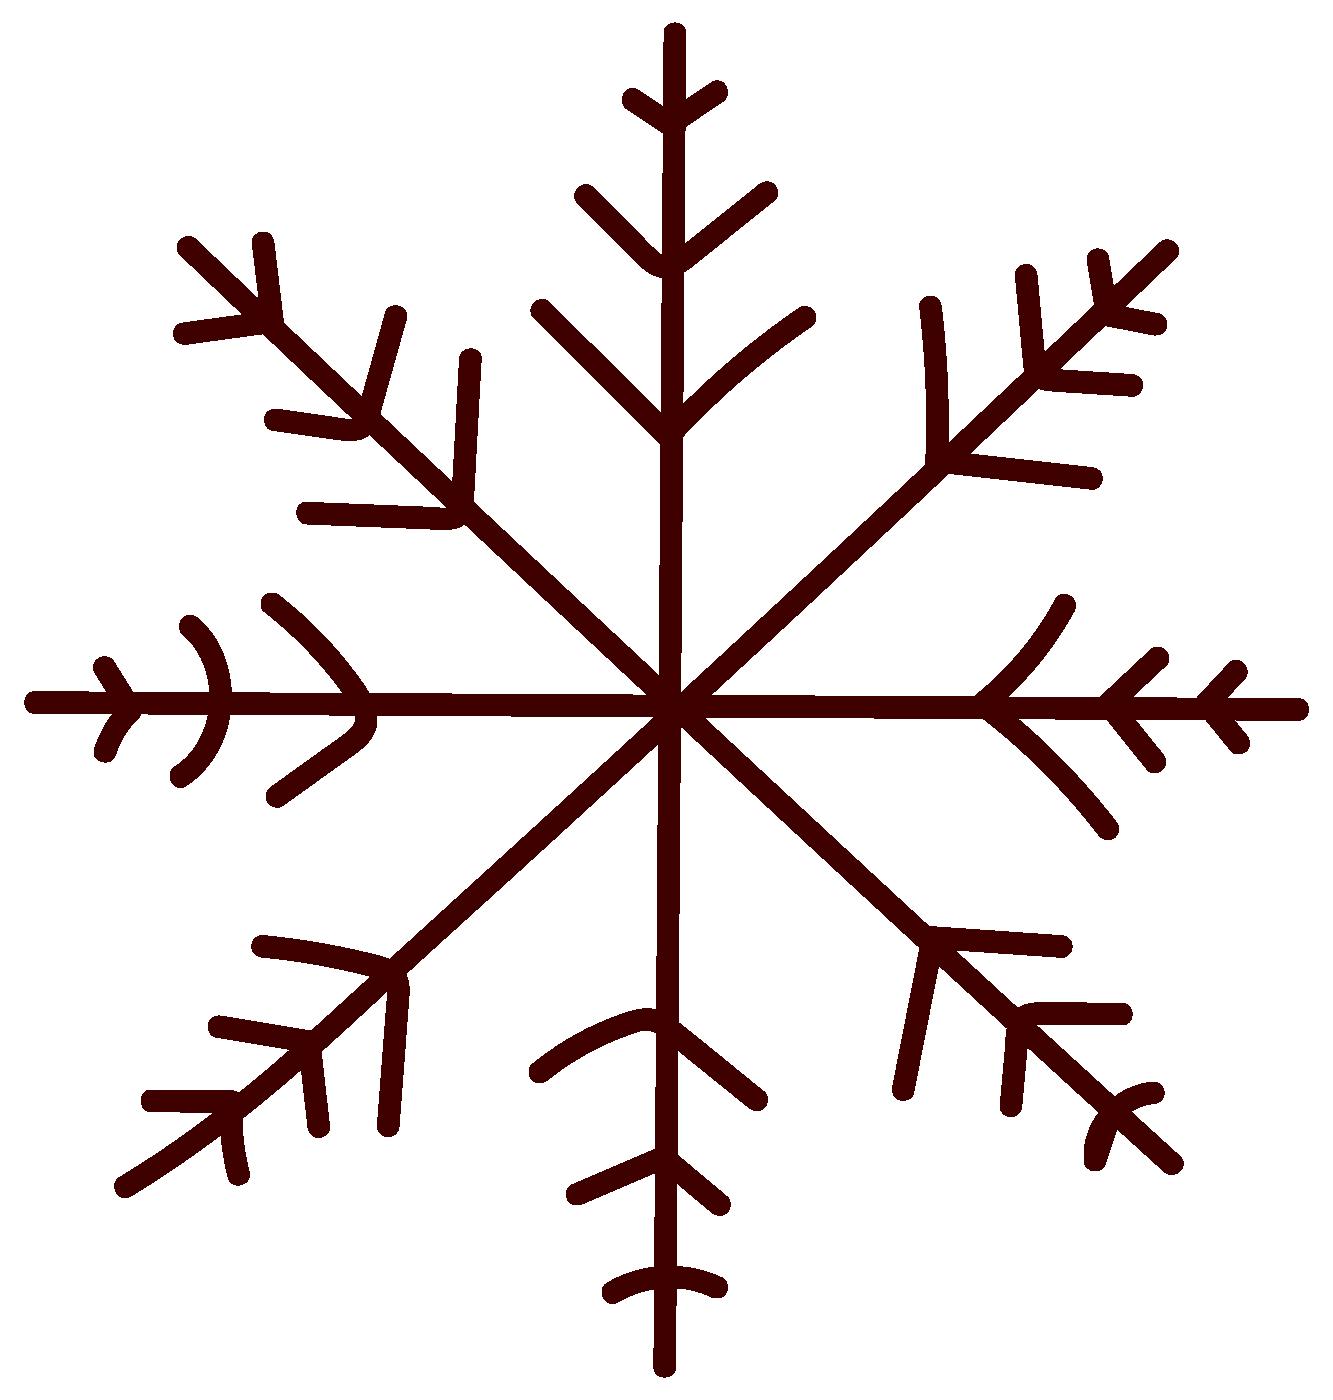 Large snowflake detail